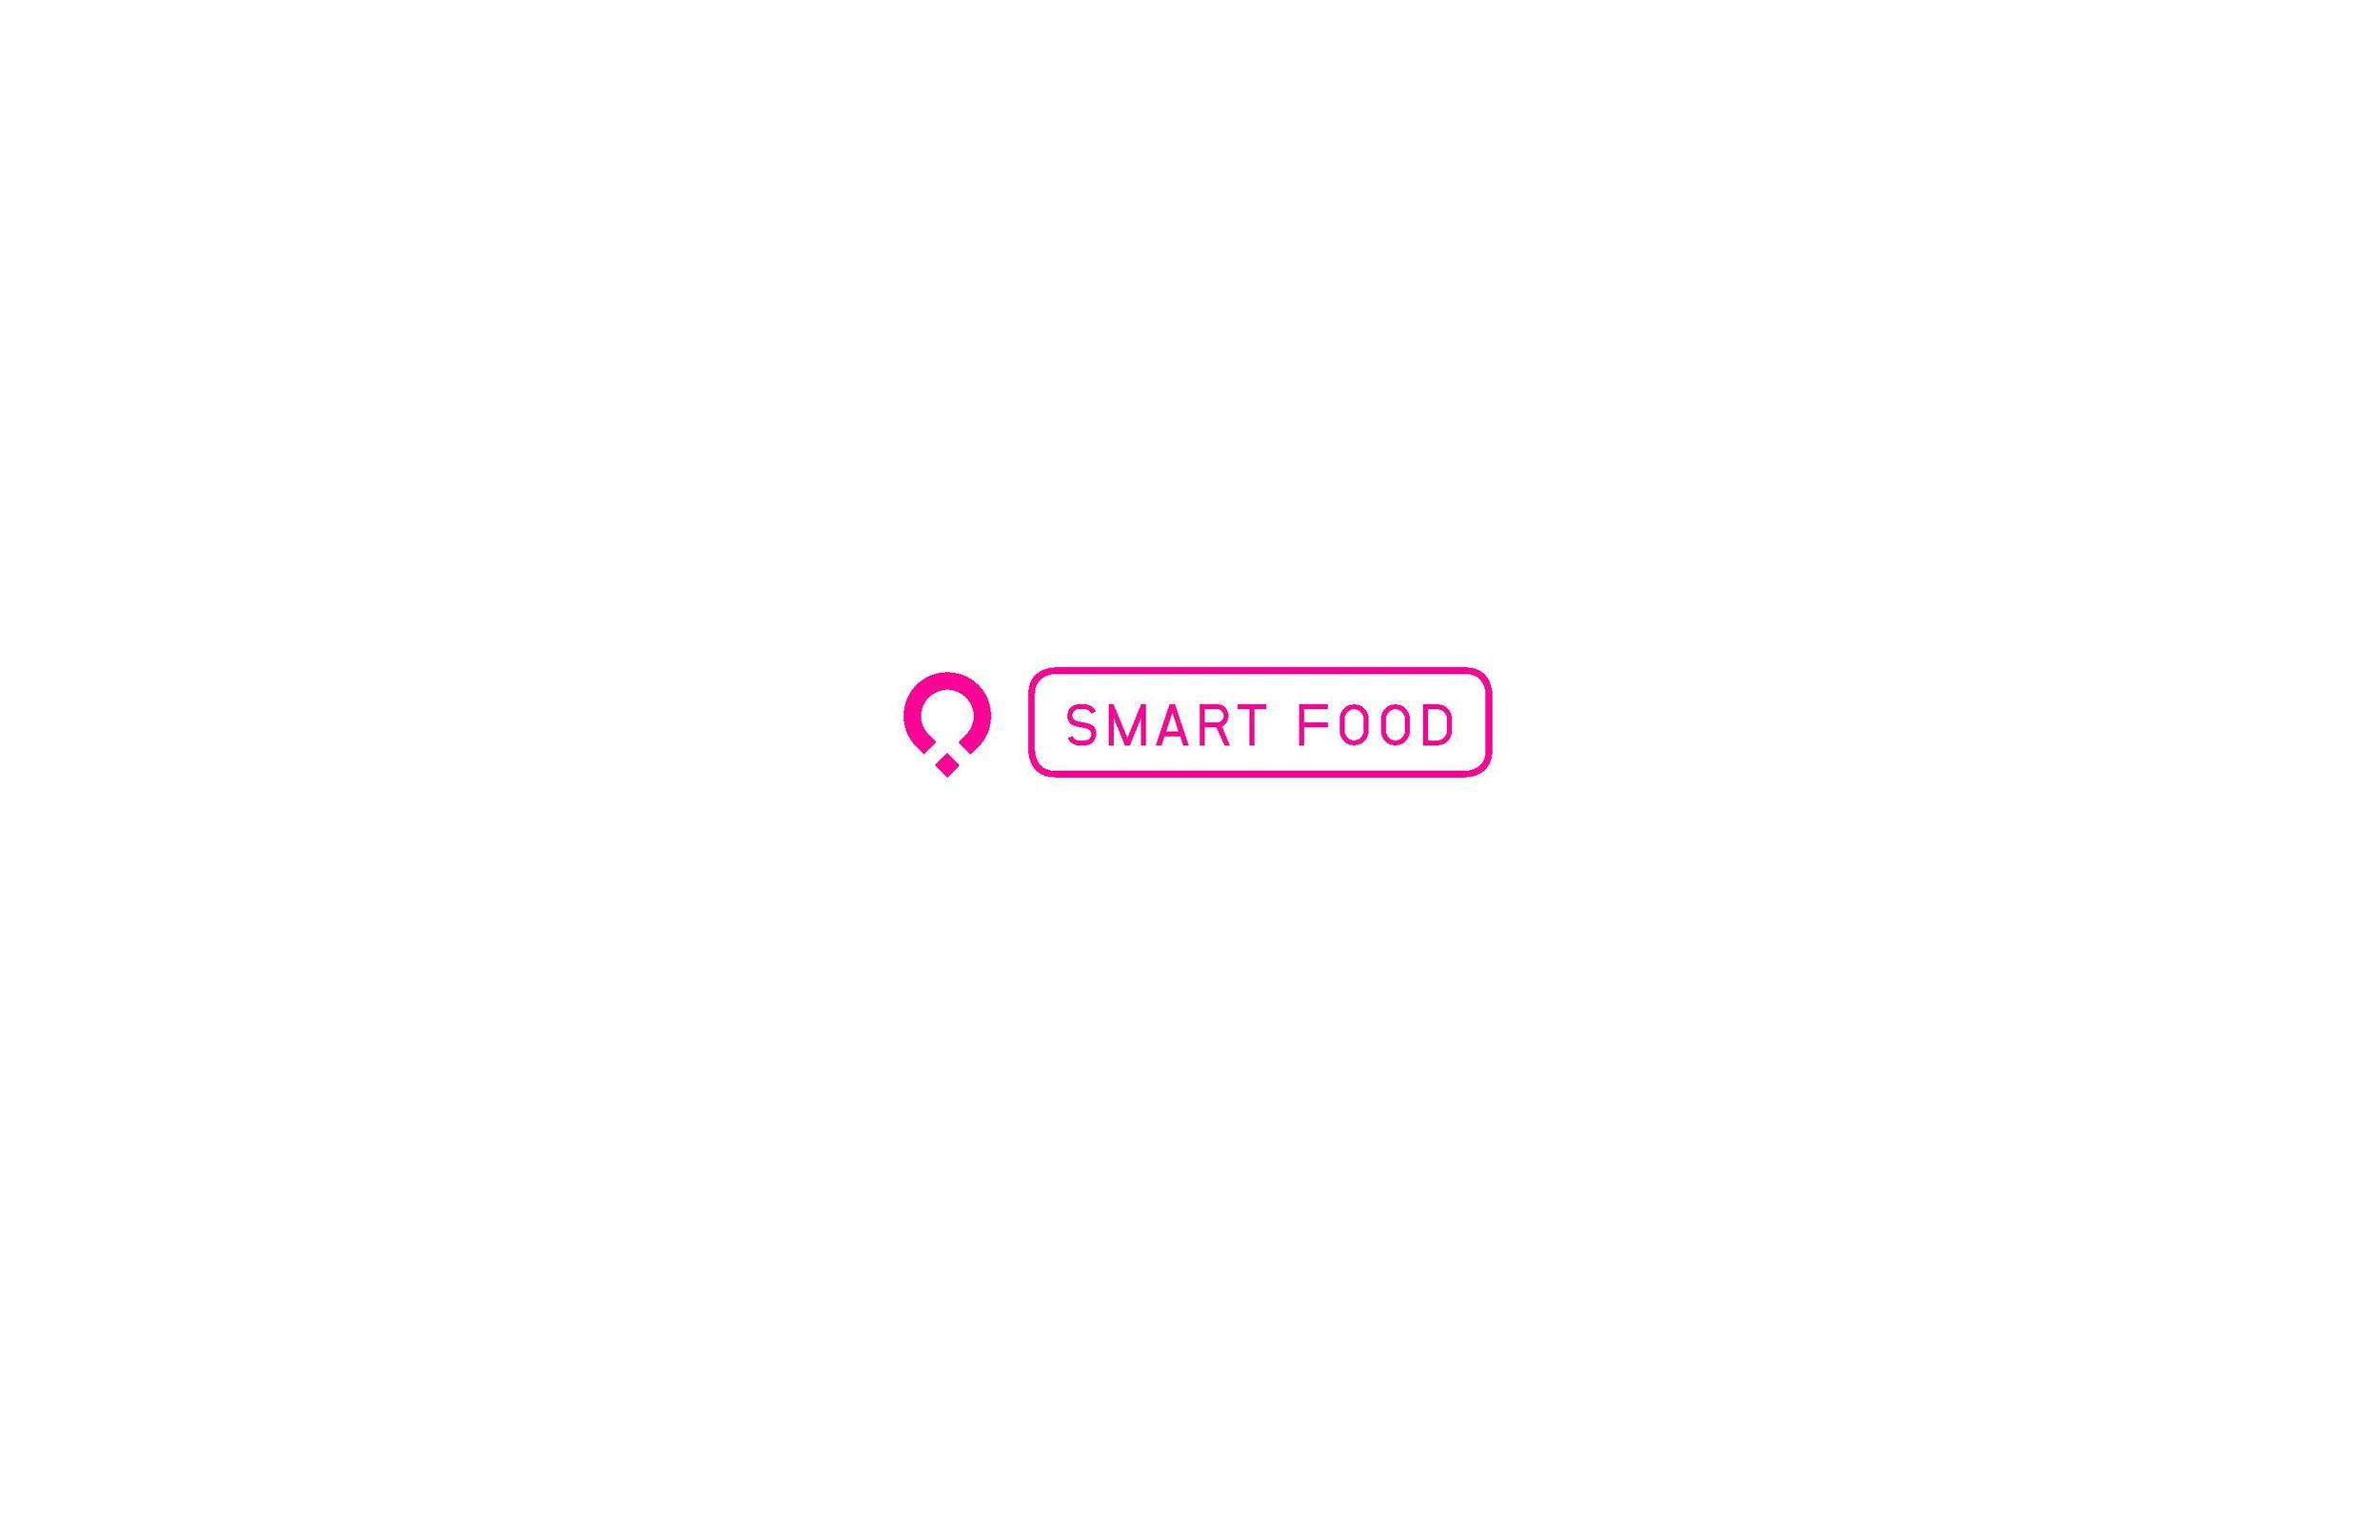 Smart_Food_Deck_HL_v6_Page_01.jpg